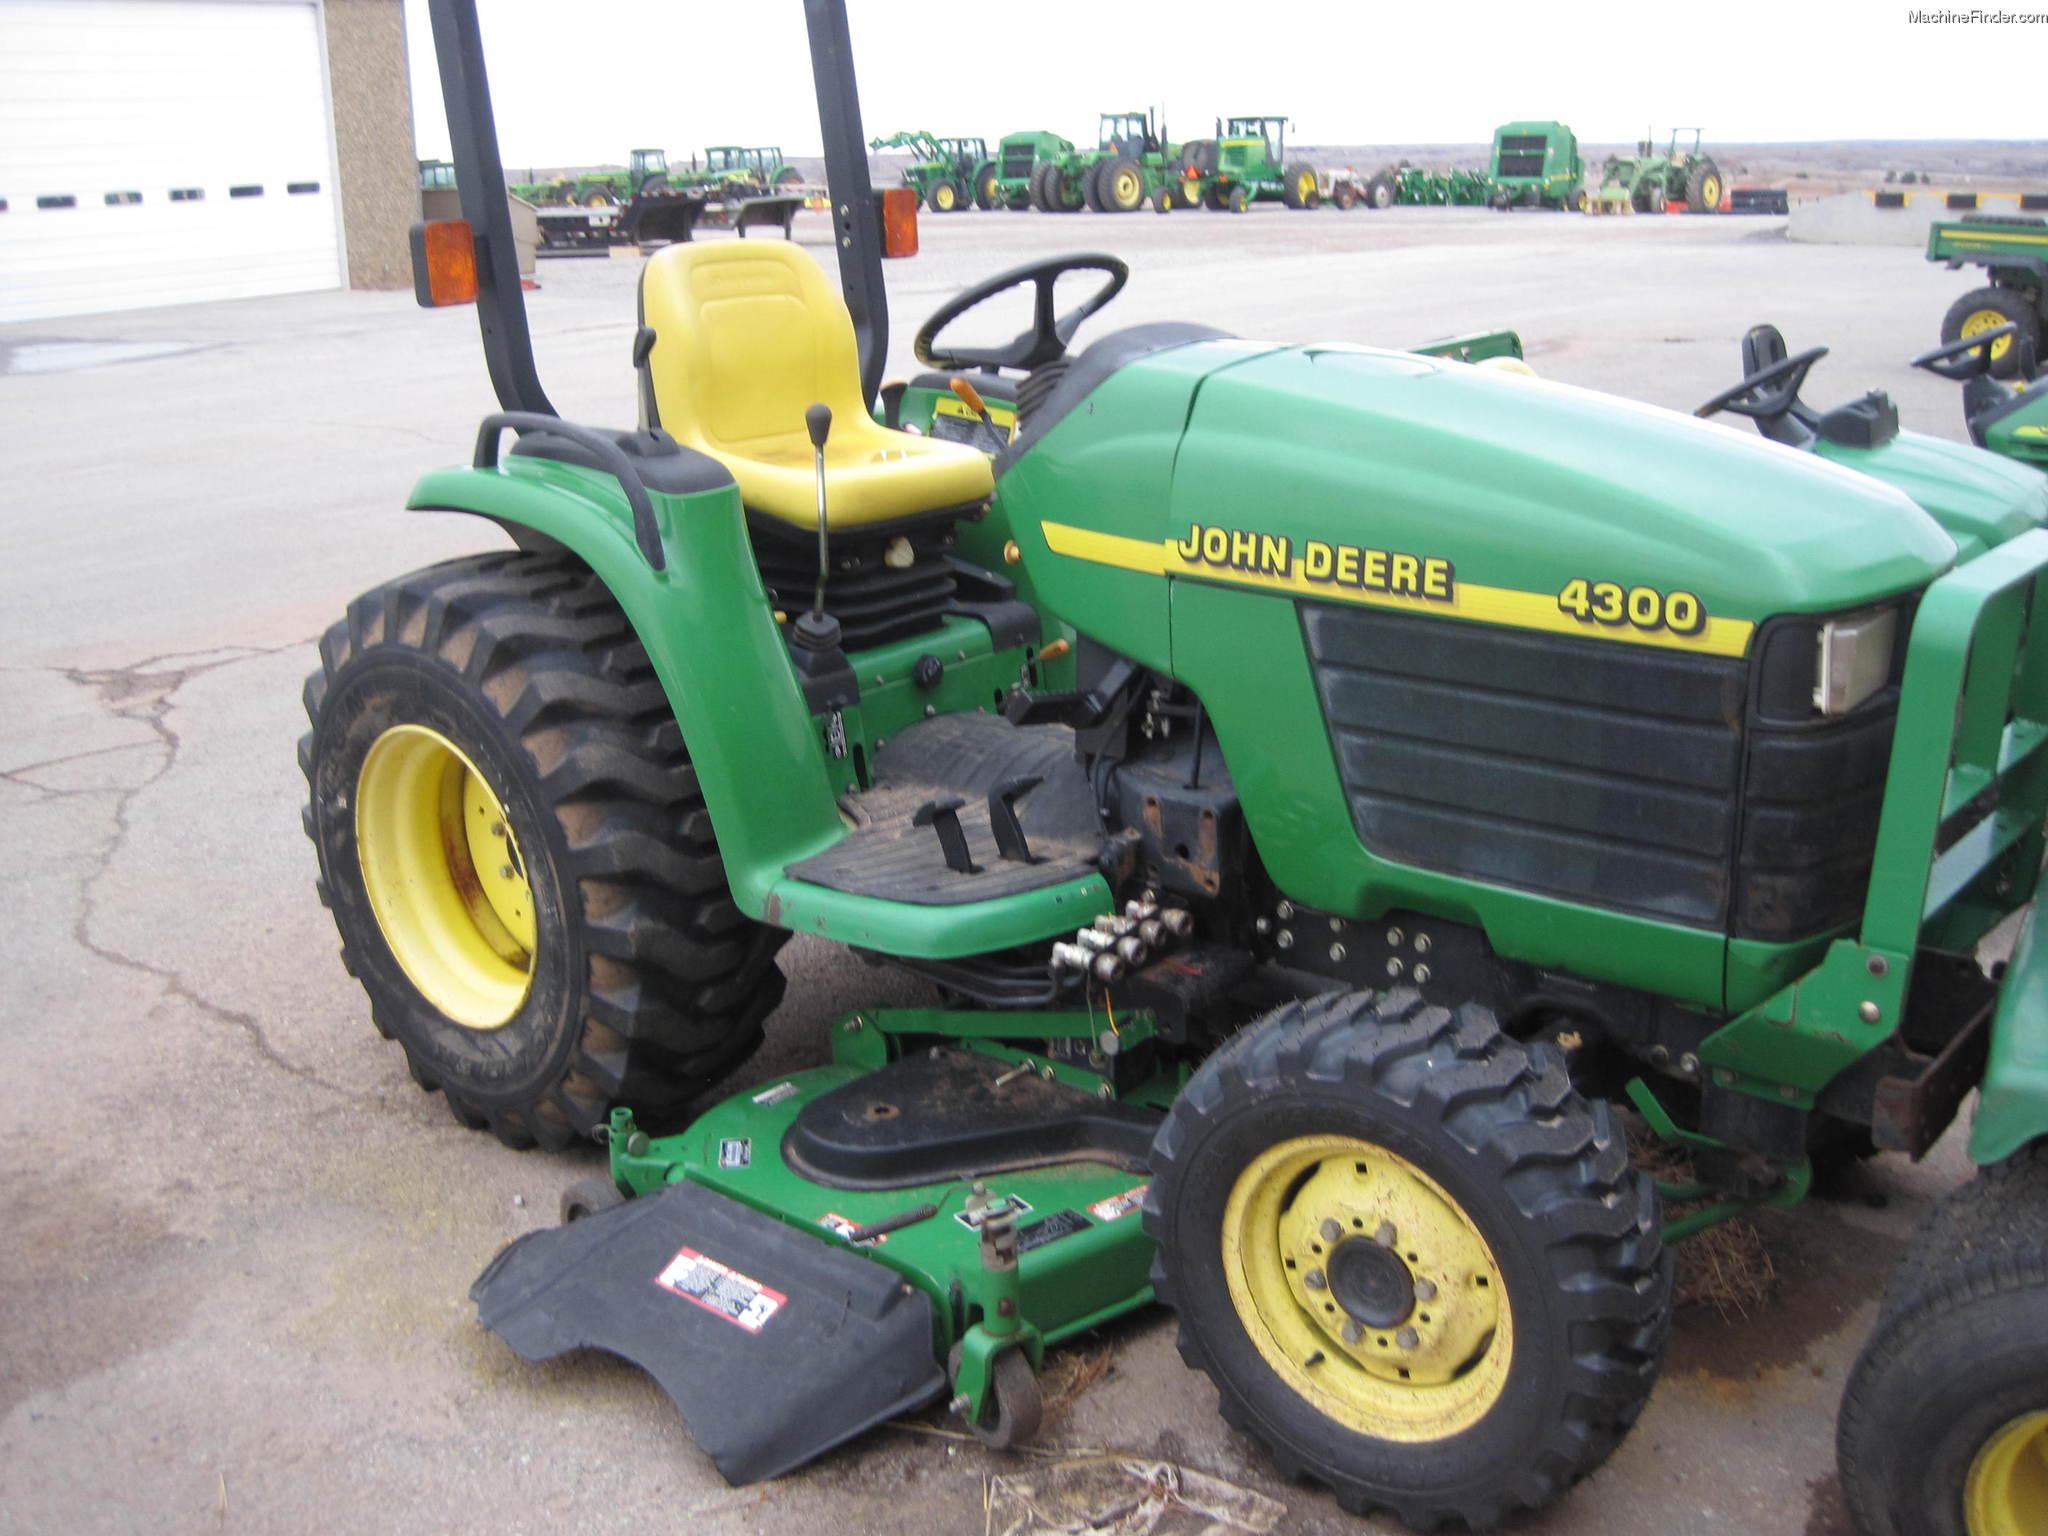 2001 John Deere 4300 Tractors - Compact (1-40hp.)